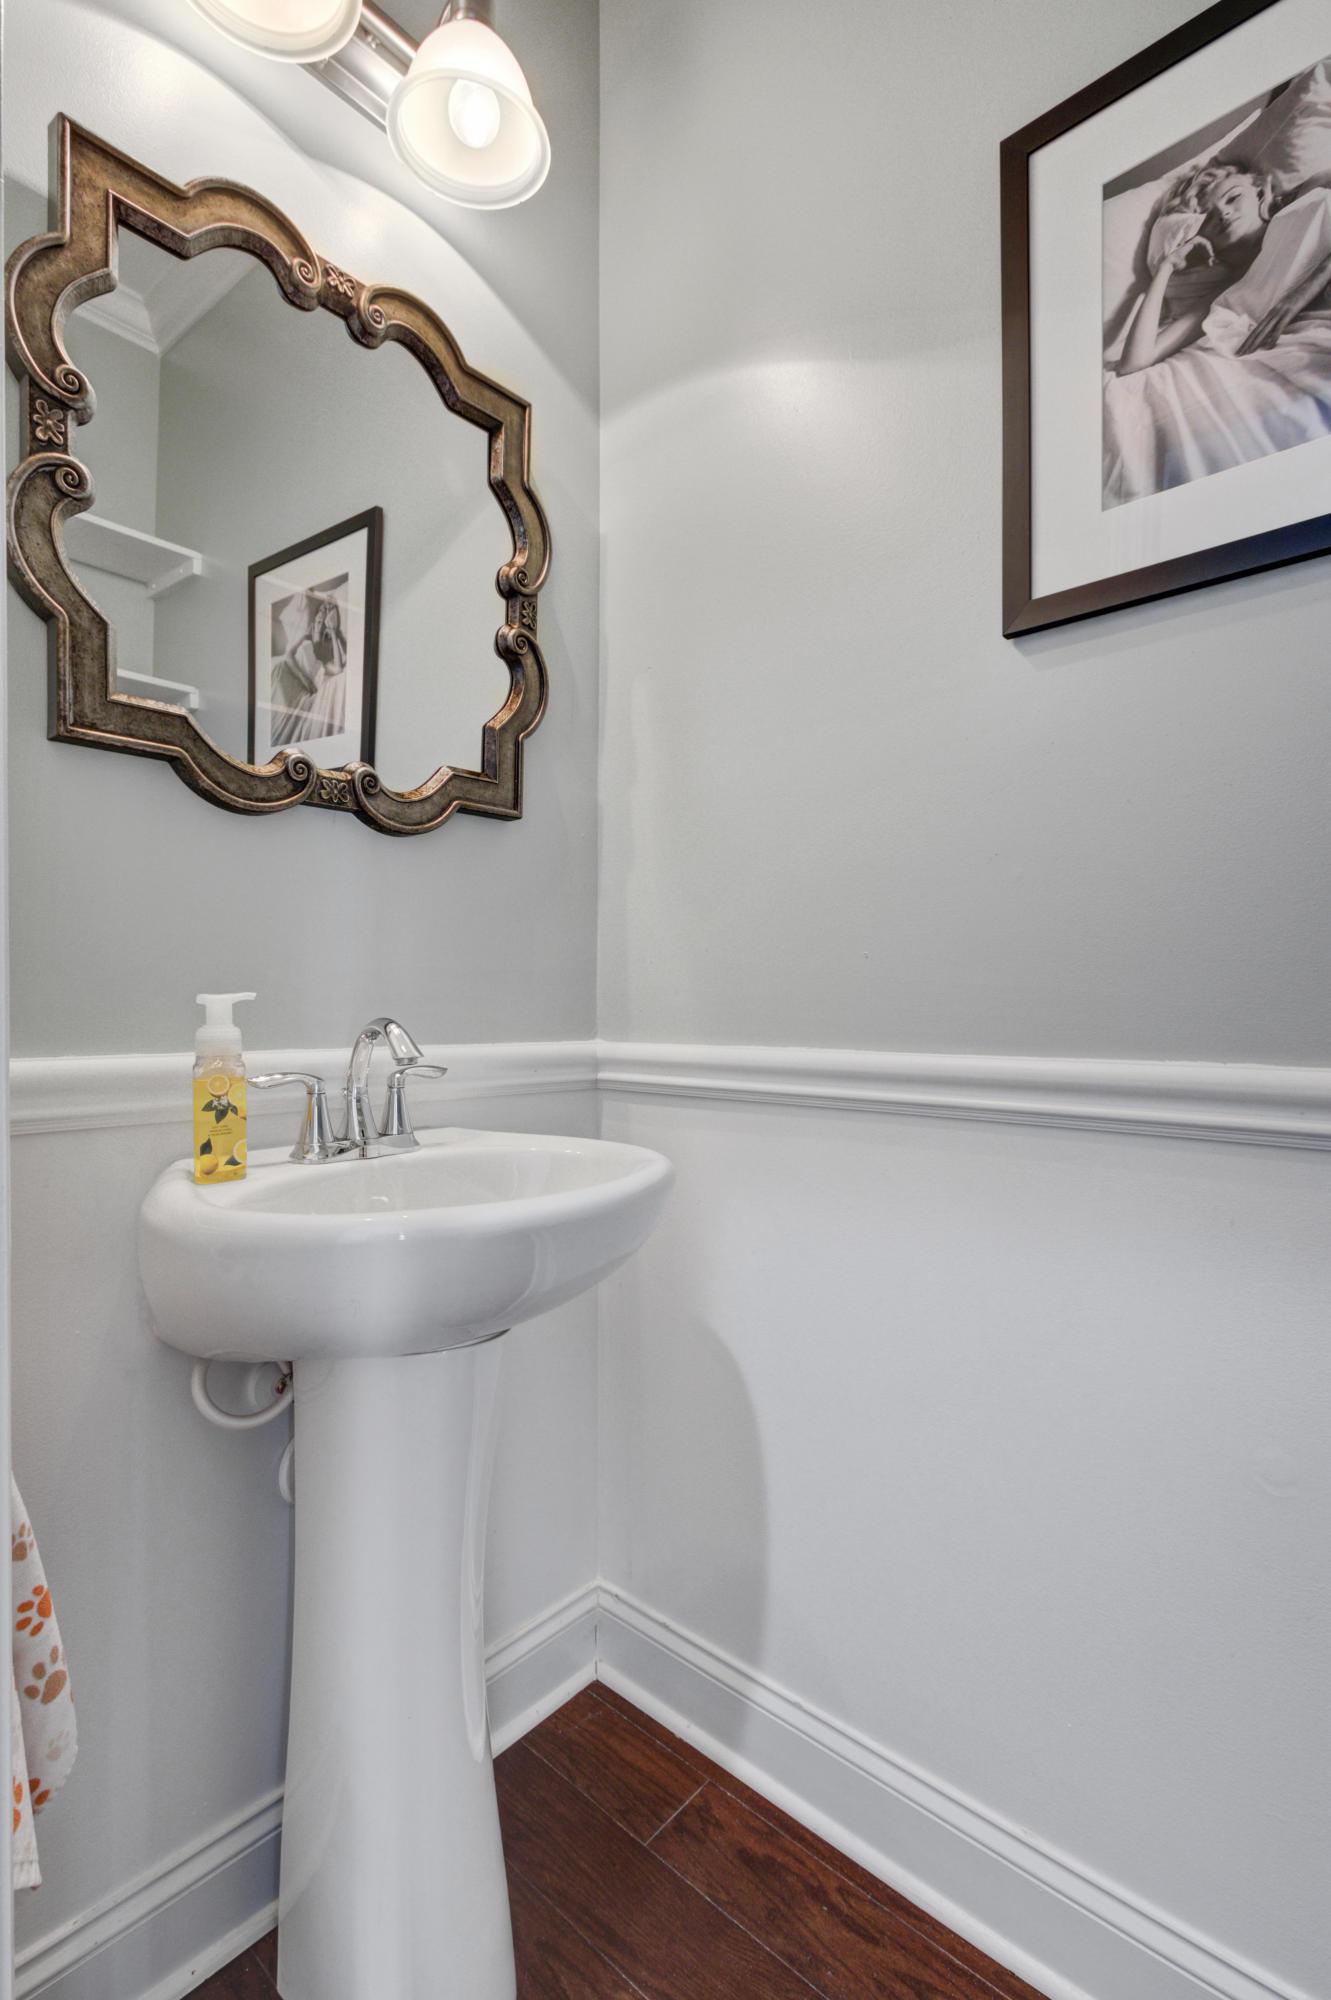 Park West Homes For Sale - 2096 Promenade, Mount Pleasant, SC - 13